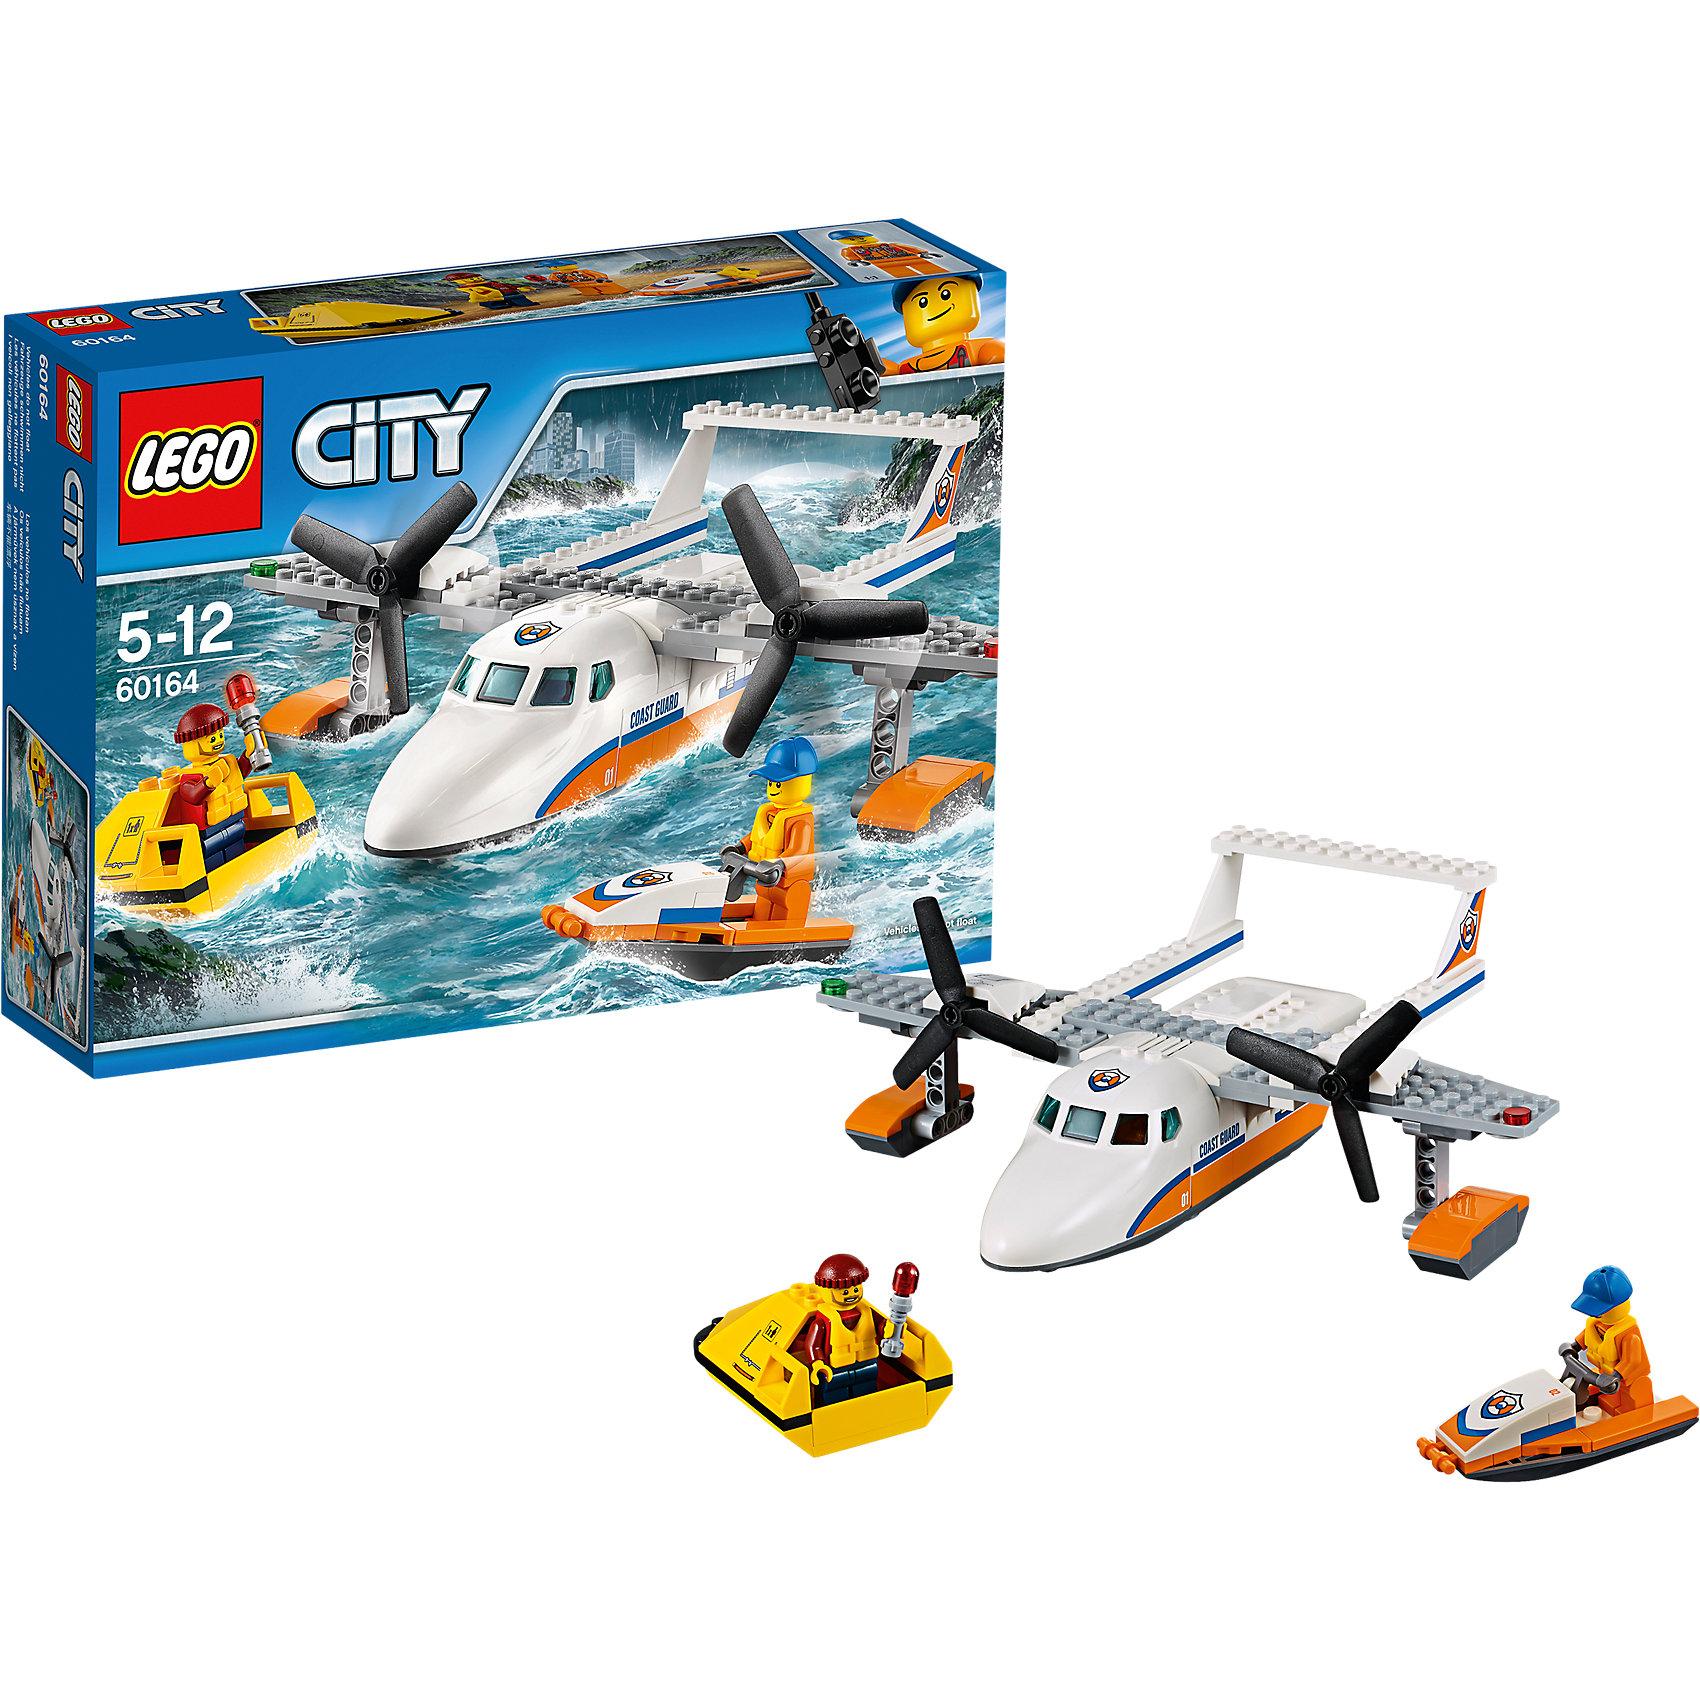 LEGO City 60164: Спасательный самолет береговой охраныПластмассовые конструкторы<br><br><br>Ширина мм: 263<br>Глубина мм: 192<br>Высота мм: 66<br>Вес г: 381<br>Возраст от месяцев: 60<br>Возраст до месяцев: 144<br>Пол: Мужской<br>Возраст: Детский<br>SKU: 5620022